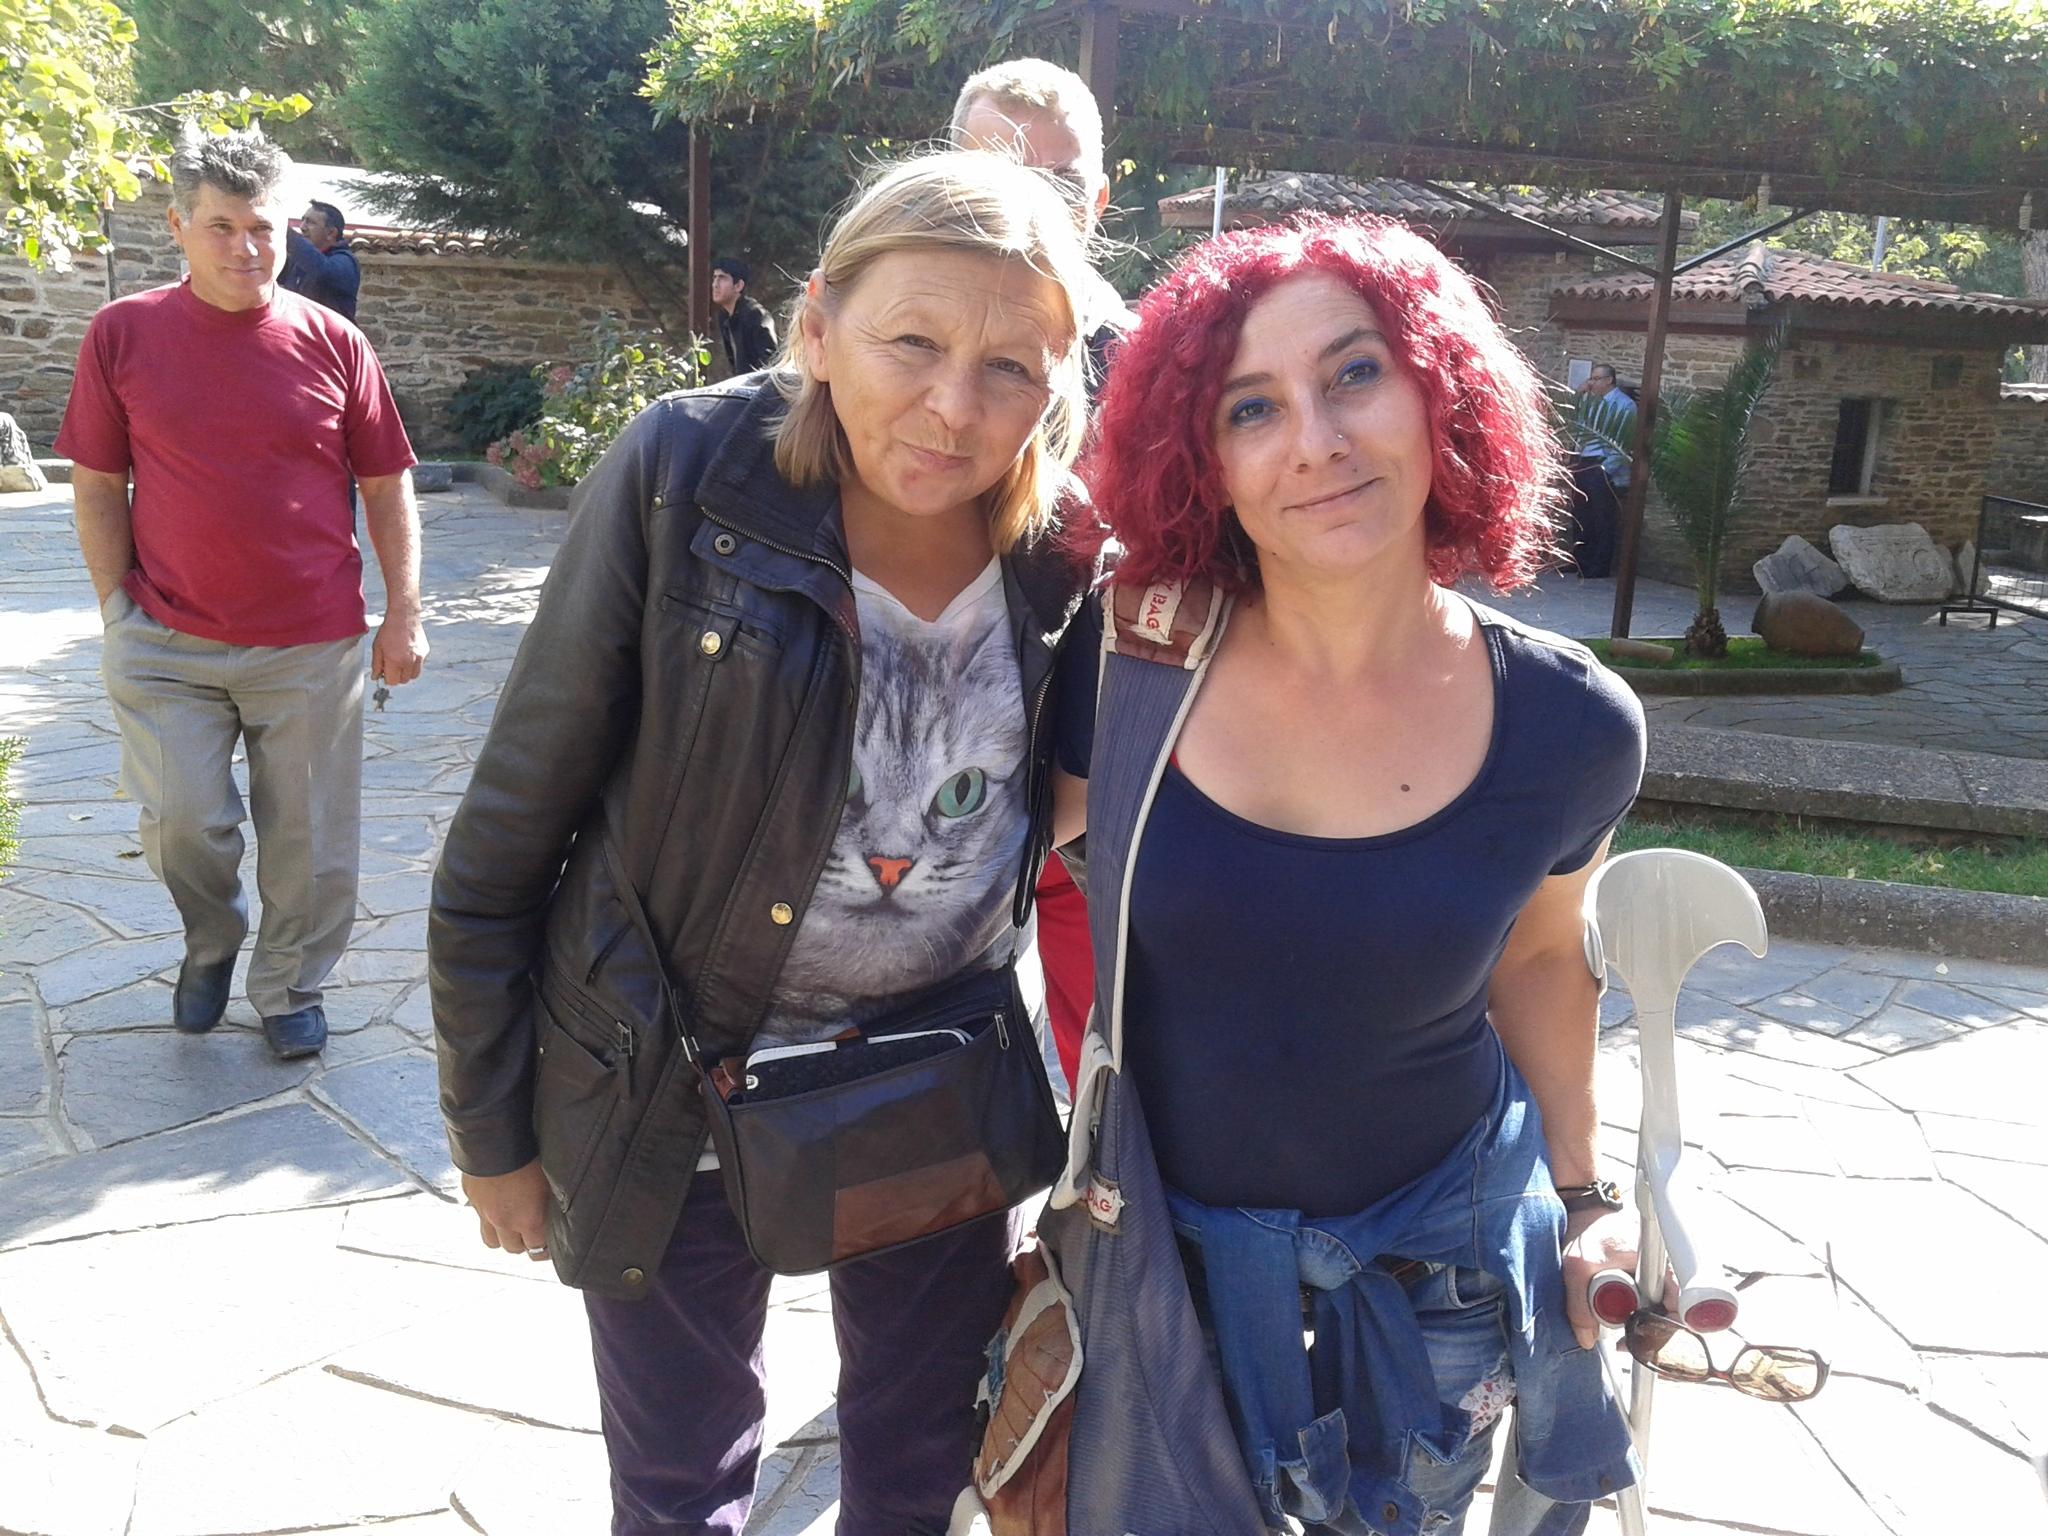 Z1ovAz - [Üye buluşması] İzmir Ödemiş'de buluşturuyoruz | 31 Ekim - 2 Kasım 2014